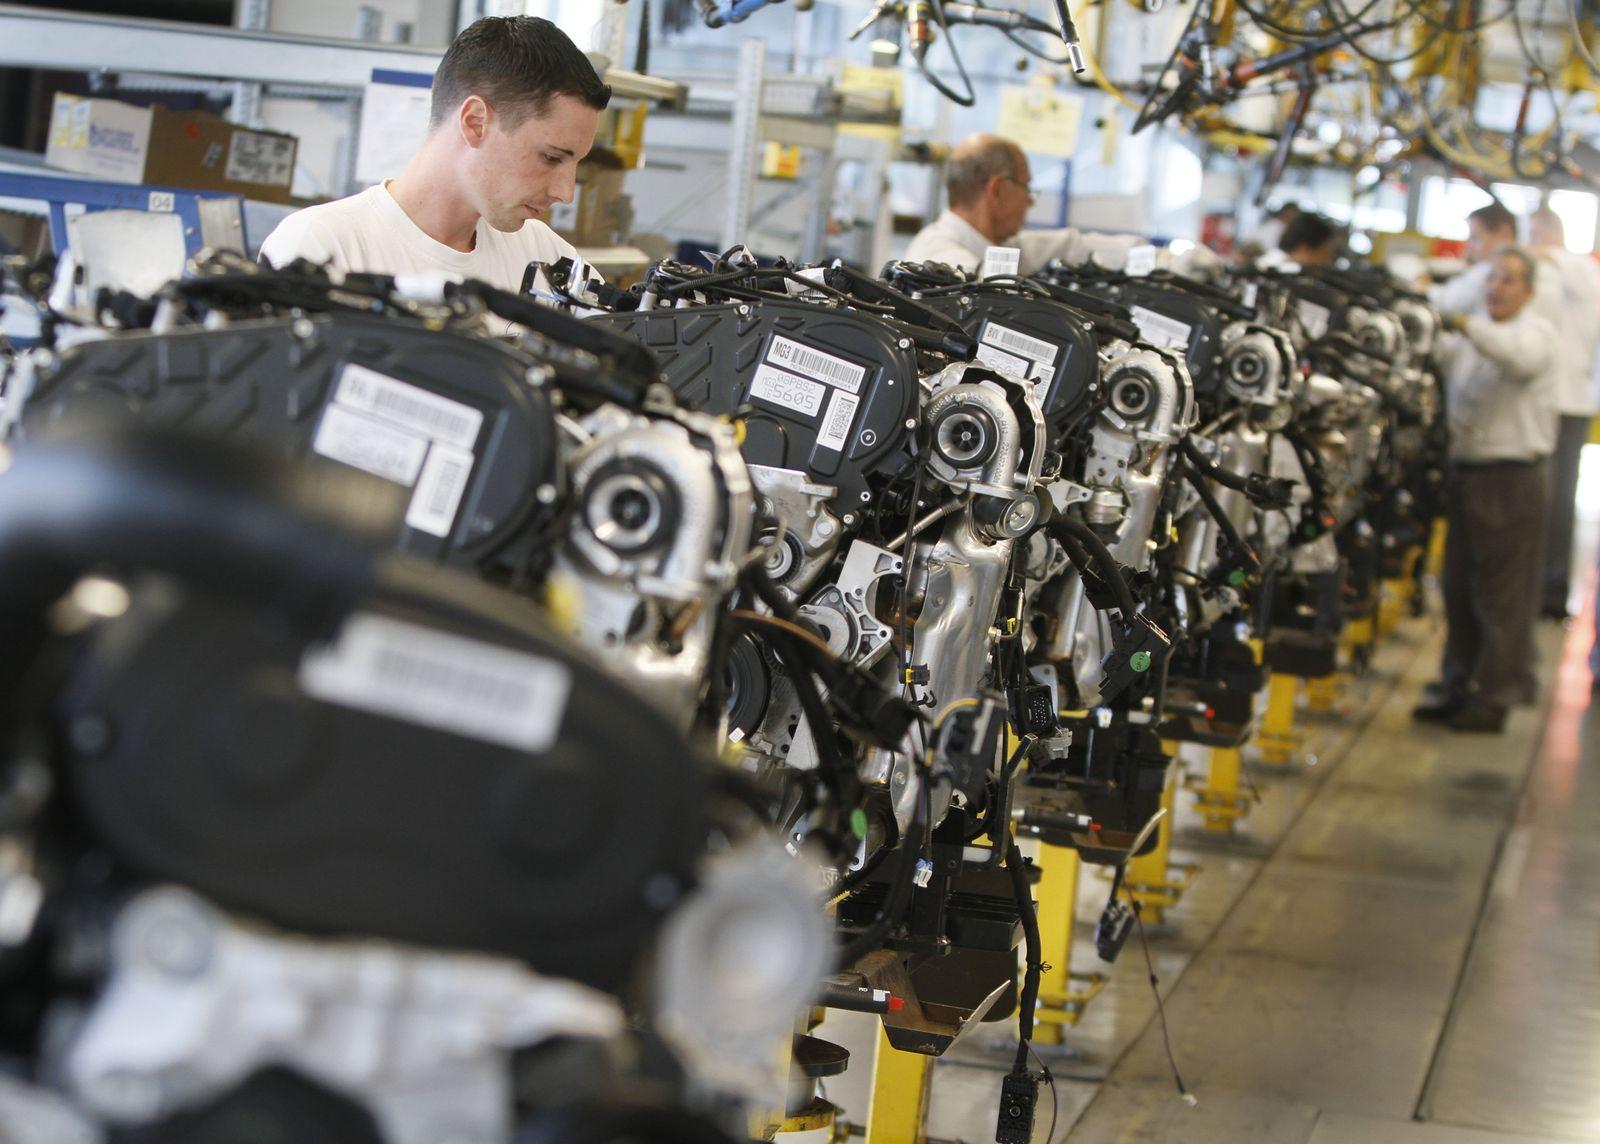 Aufschwung / Konjunktur / Opel